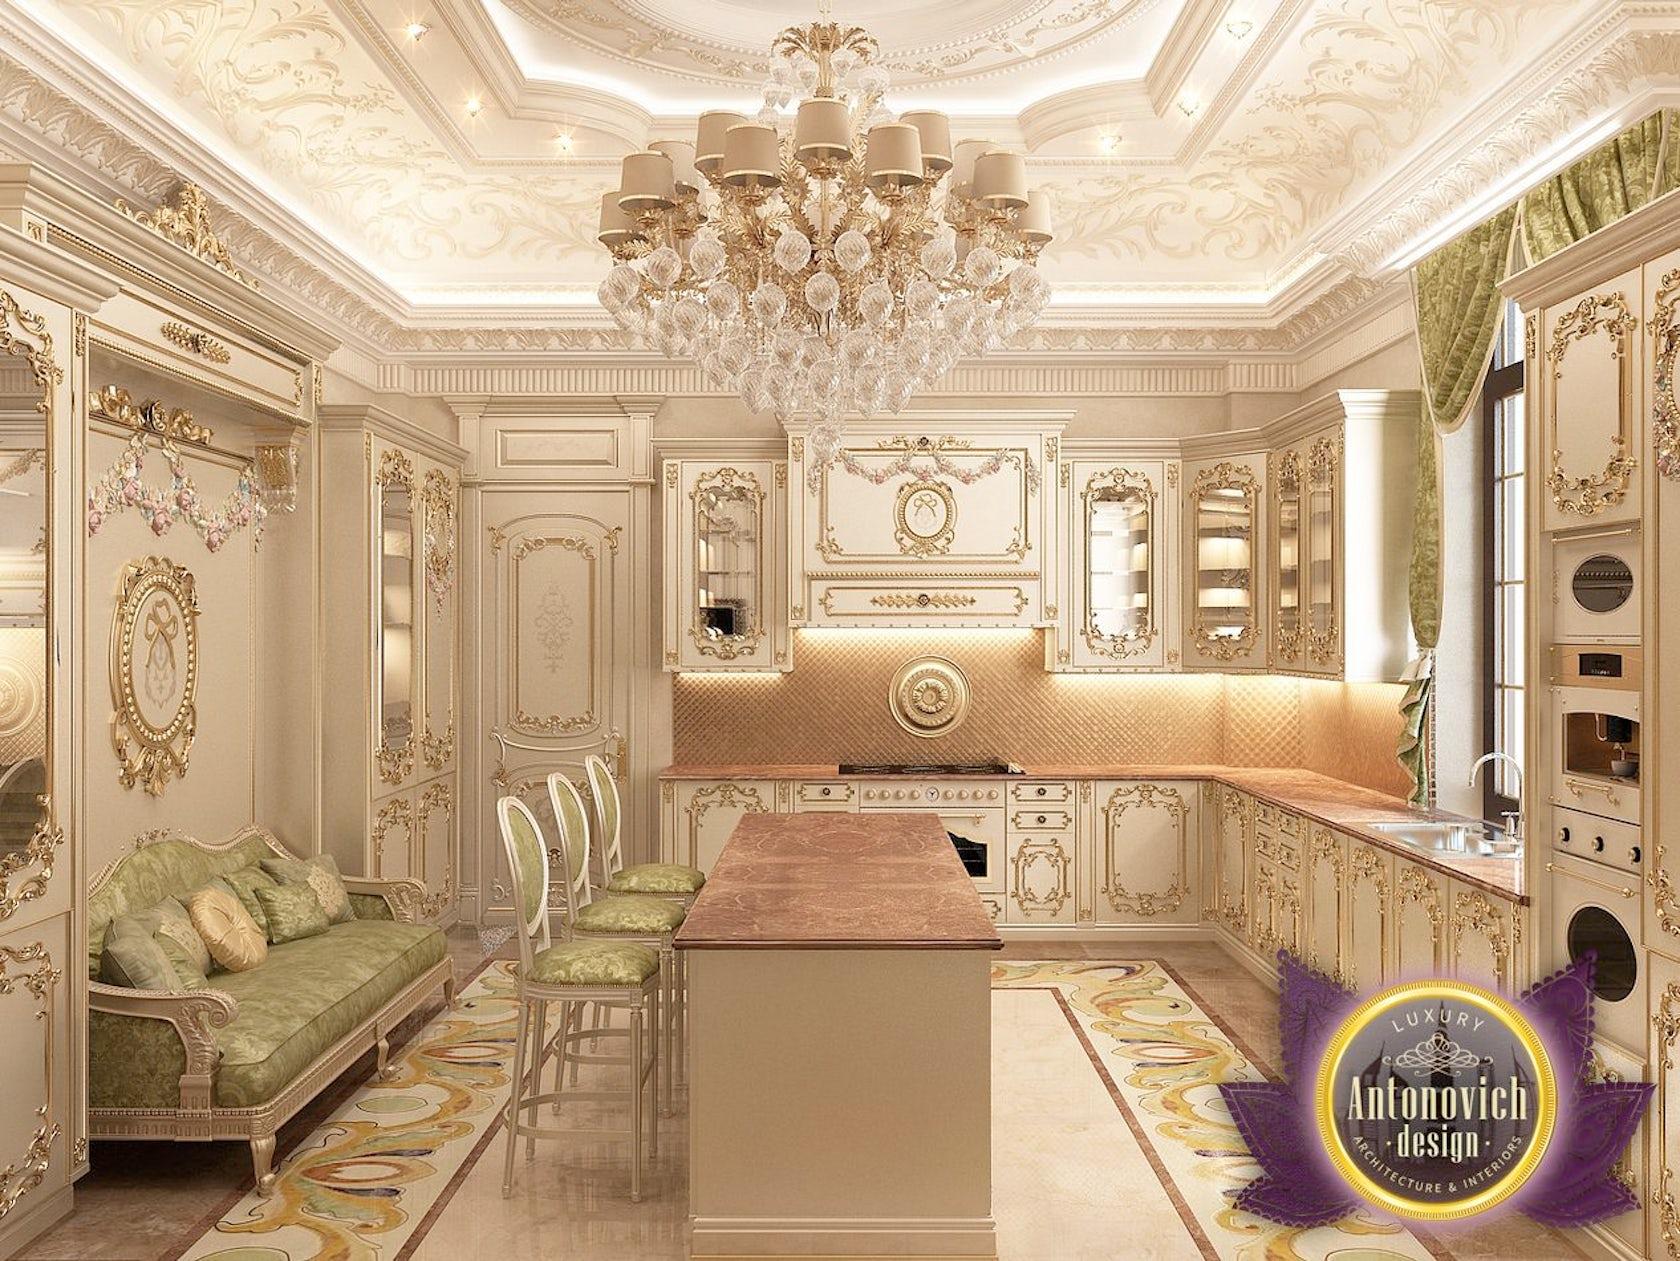 Kitchen design from luxury antonovich design on architizer